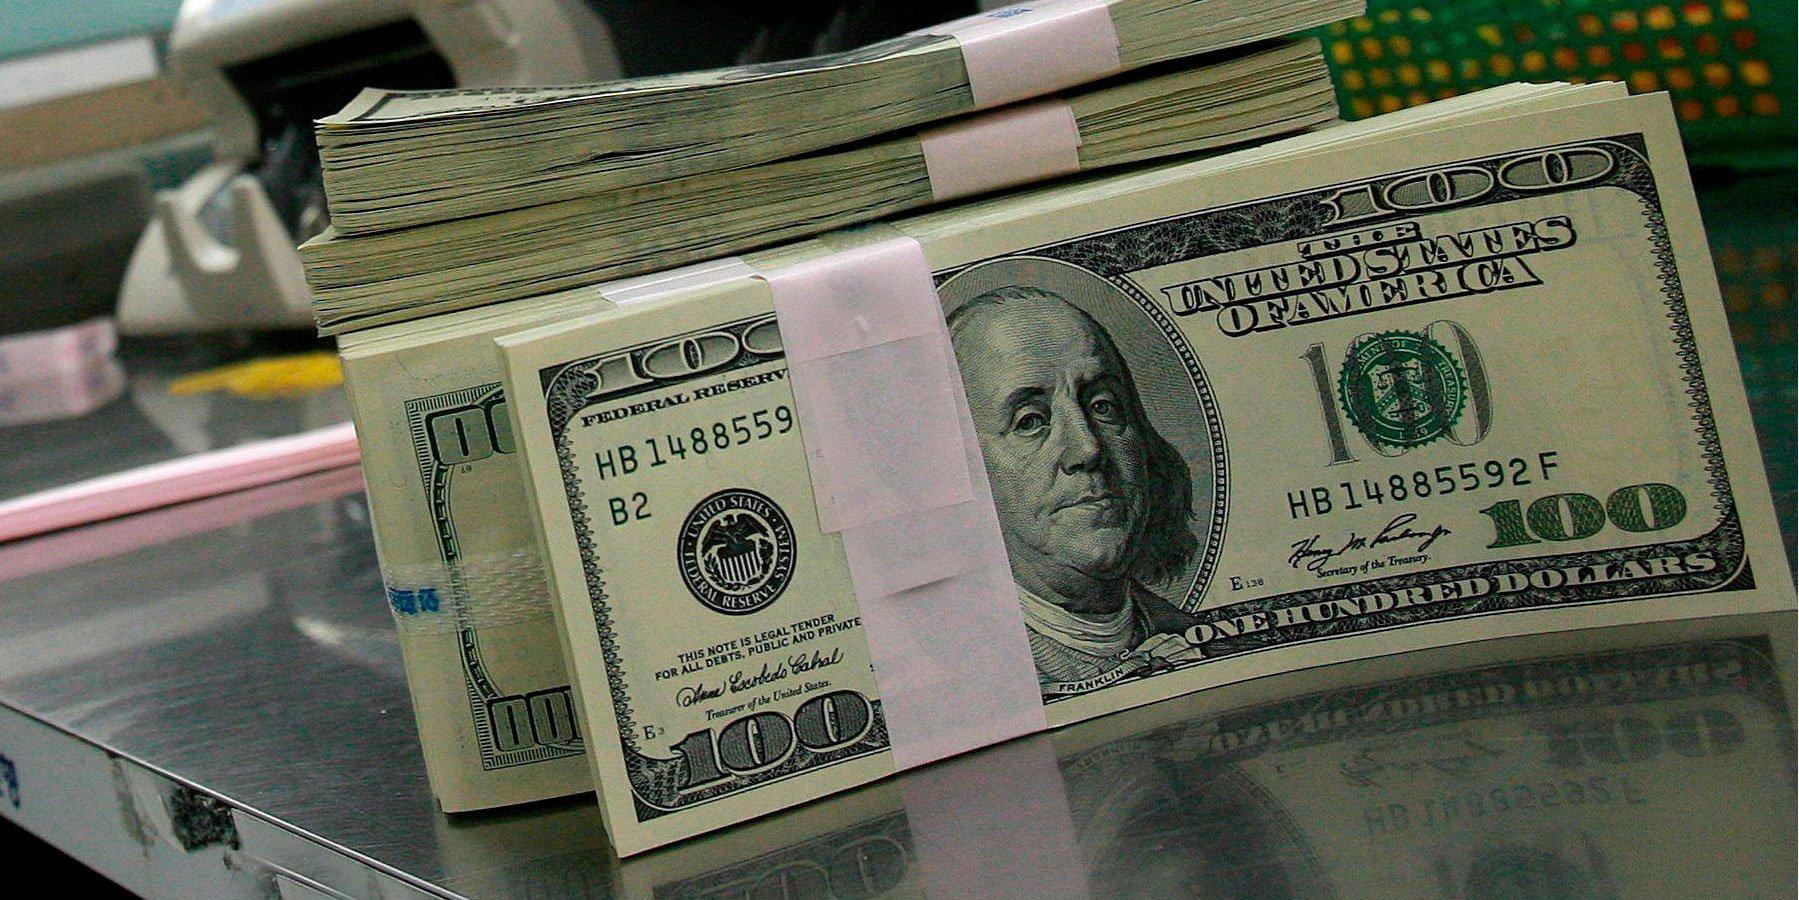 Picture principal - Dólar: Las nuevas restricciones cambiarias y la pulsión especulativa de unos pocos